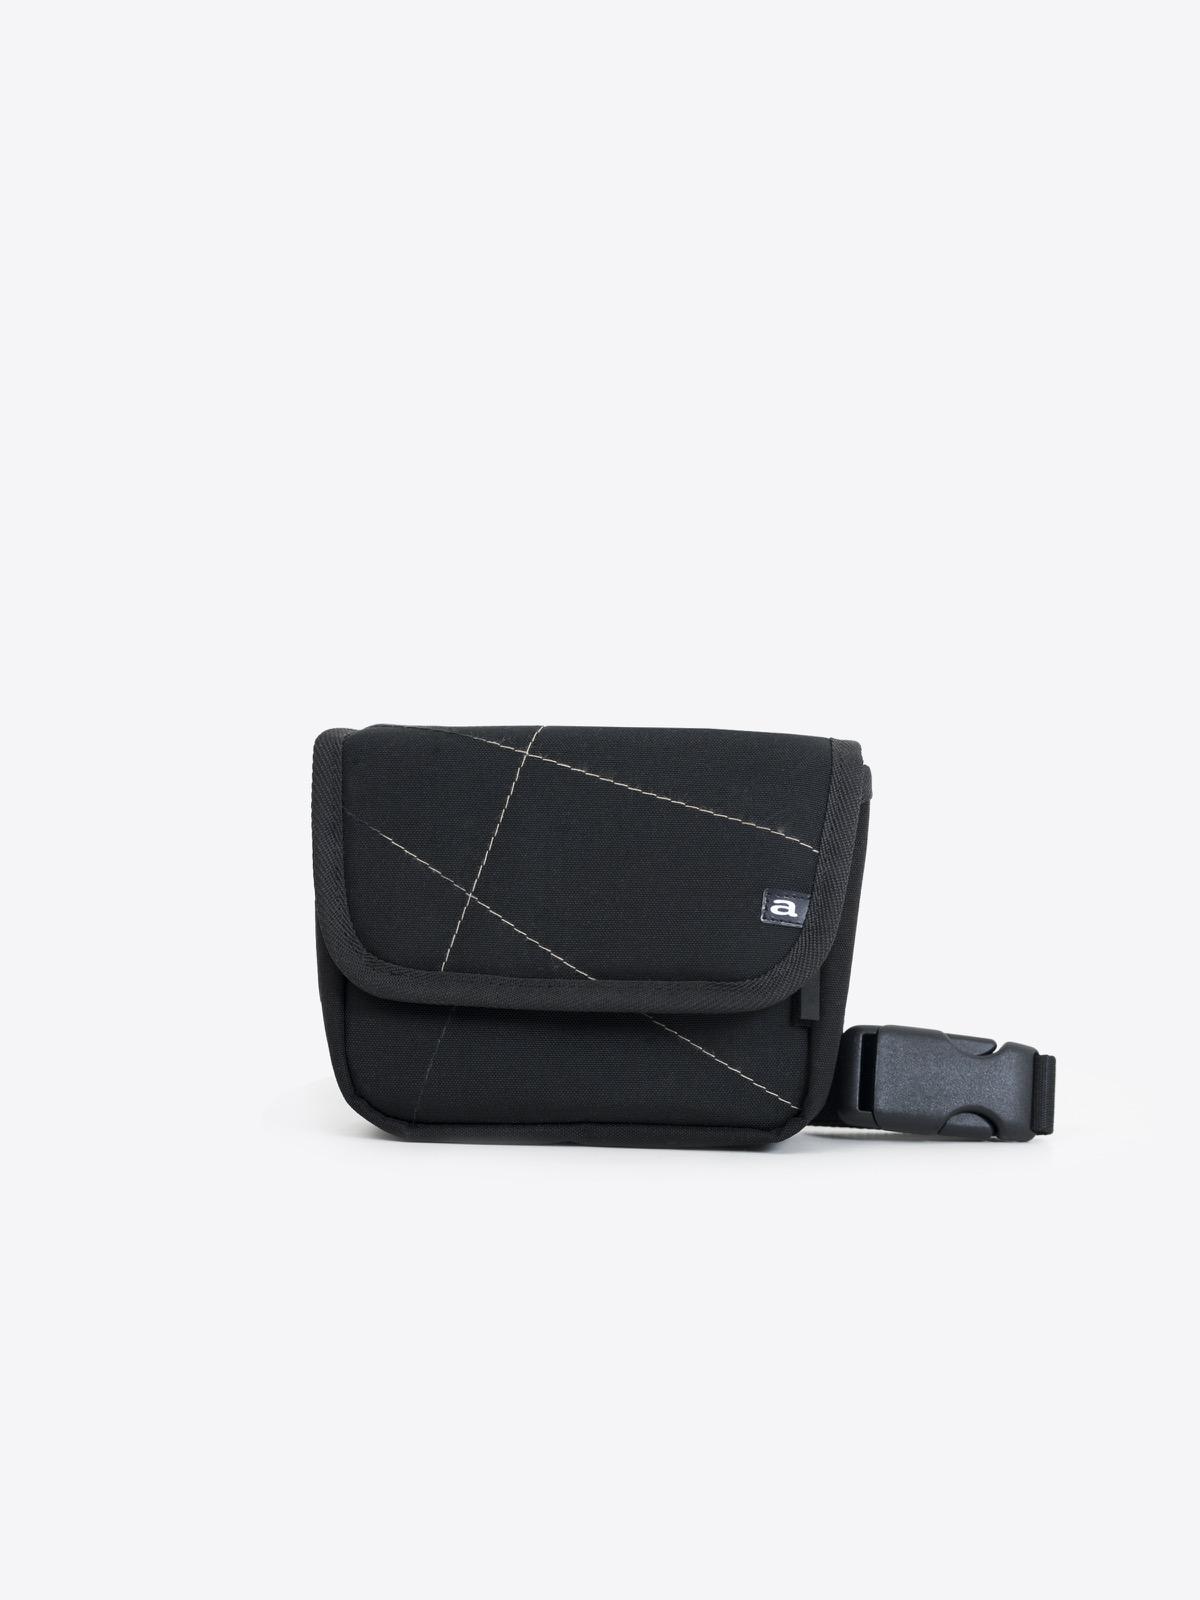 airbag craftworks zip   easy stitch